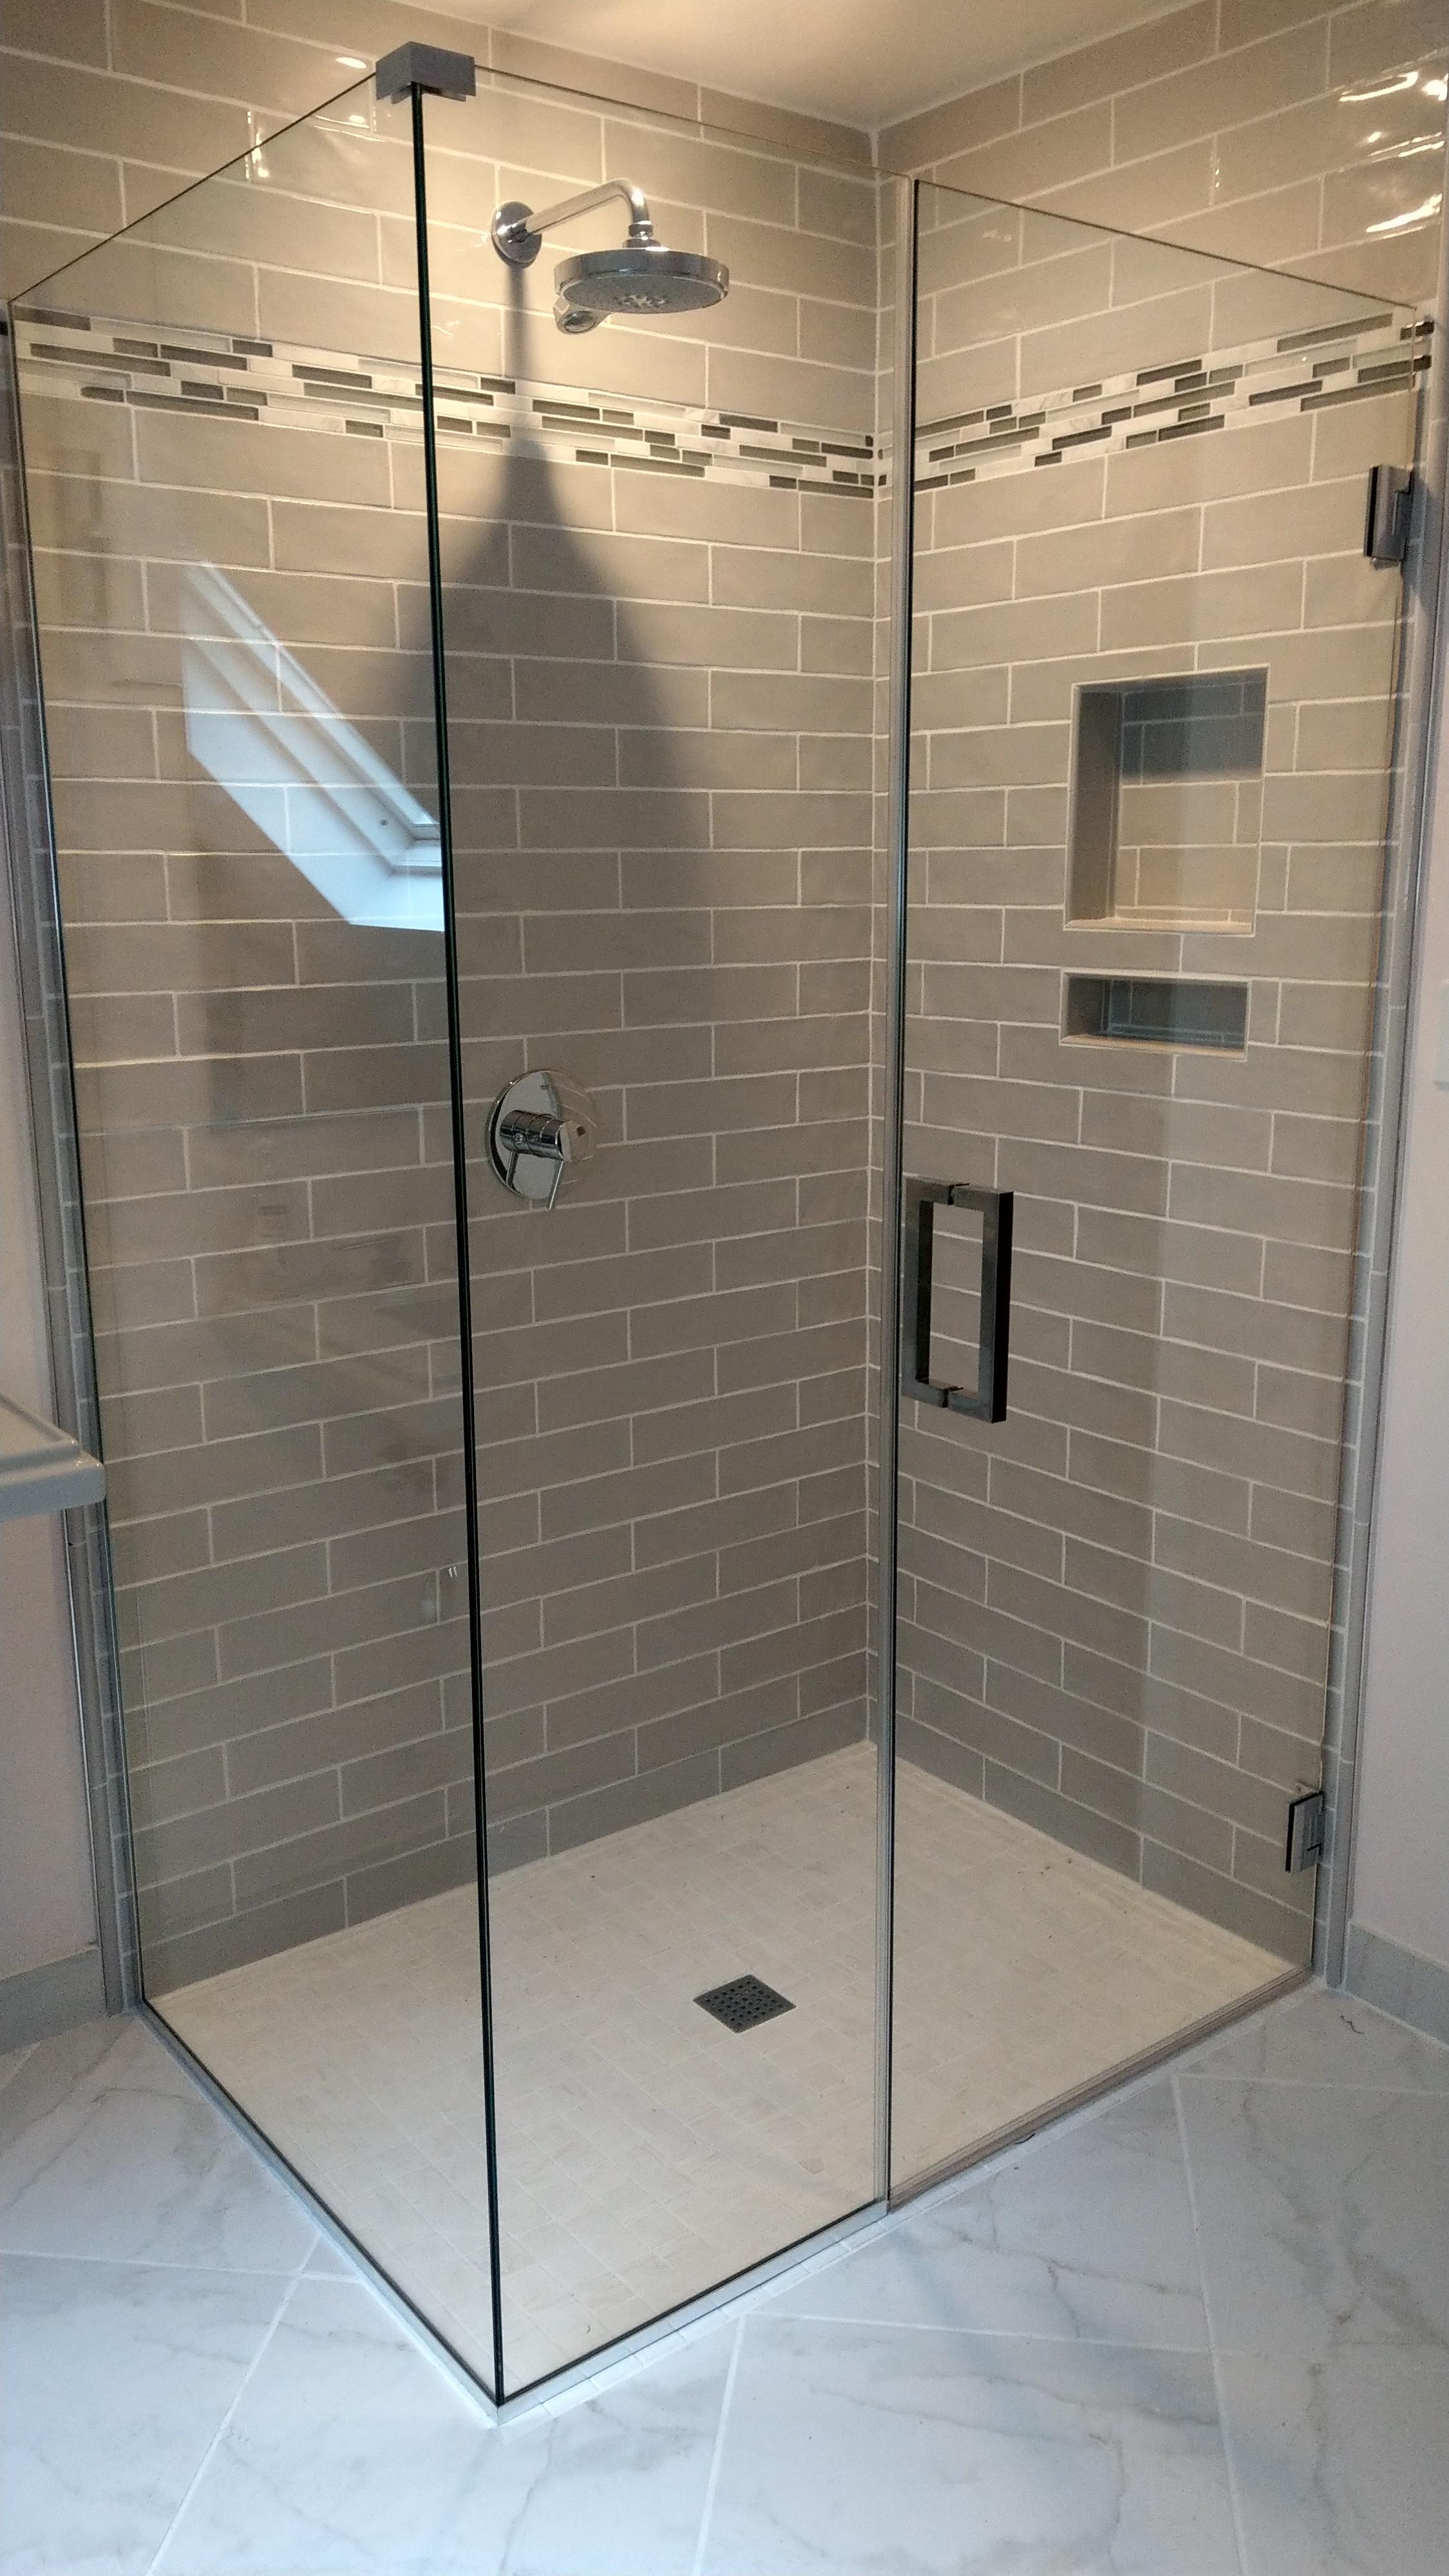 Scanlon Shower Enclosure